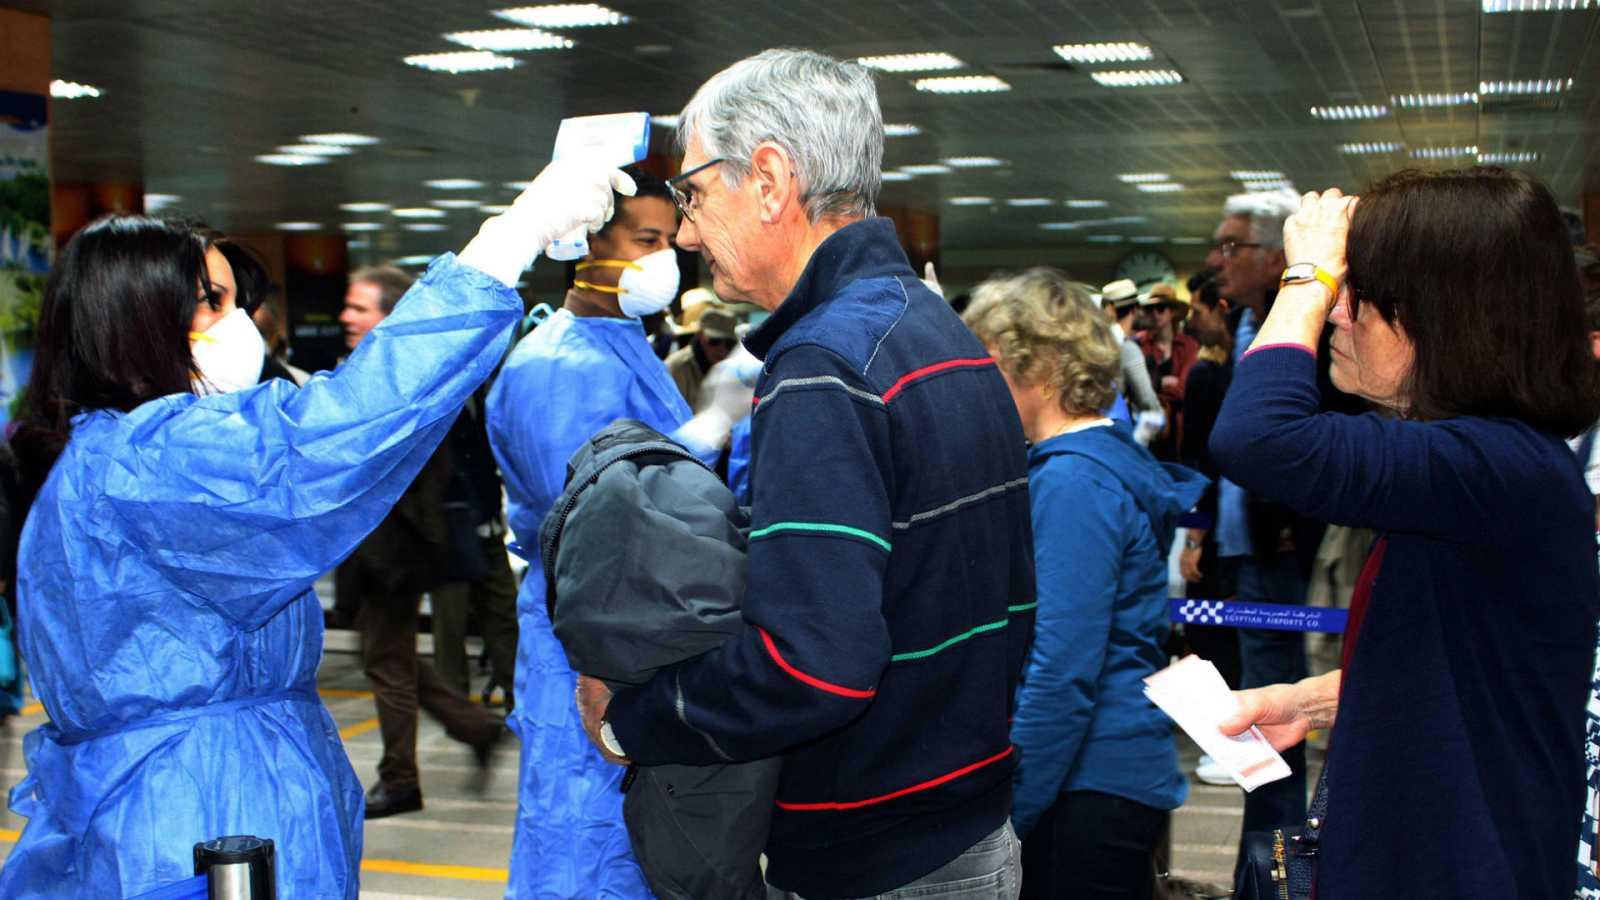 Boletines RNE - Cientos de españoles confinados en hoteles y cruceros en Egipto por el coronavirus - Escuchar ahora